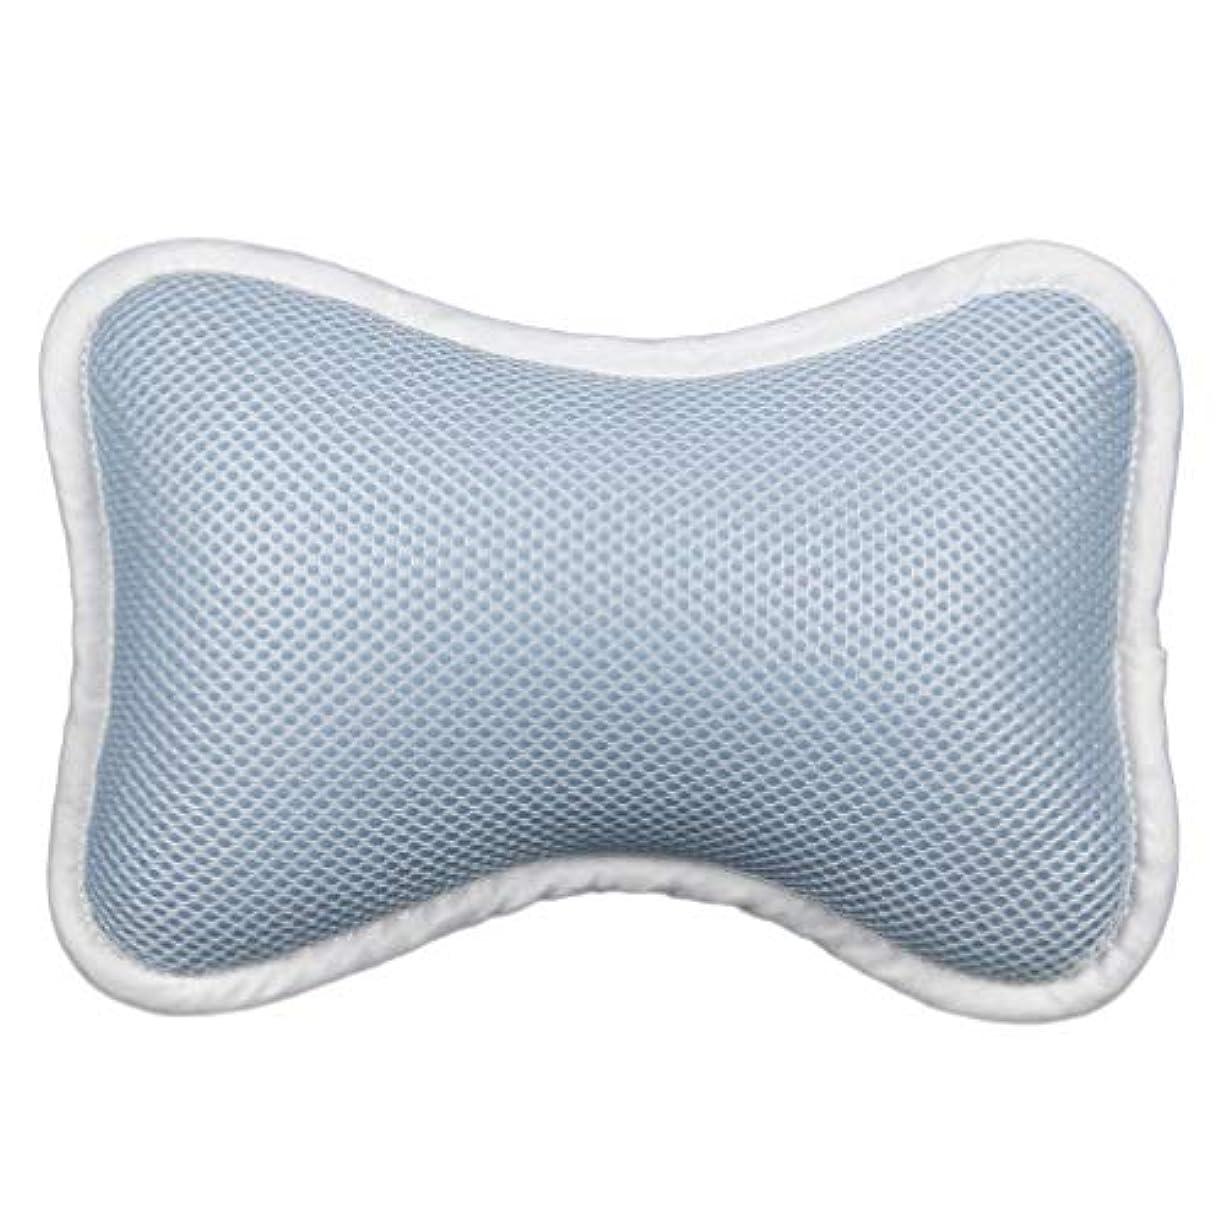 ただやる正しく要求するHeallily 浴槽枕1個ソフトバス枕首と肩のサポートクッション用吸盤付きサポート枕(青)